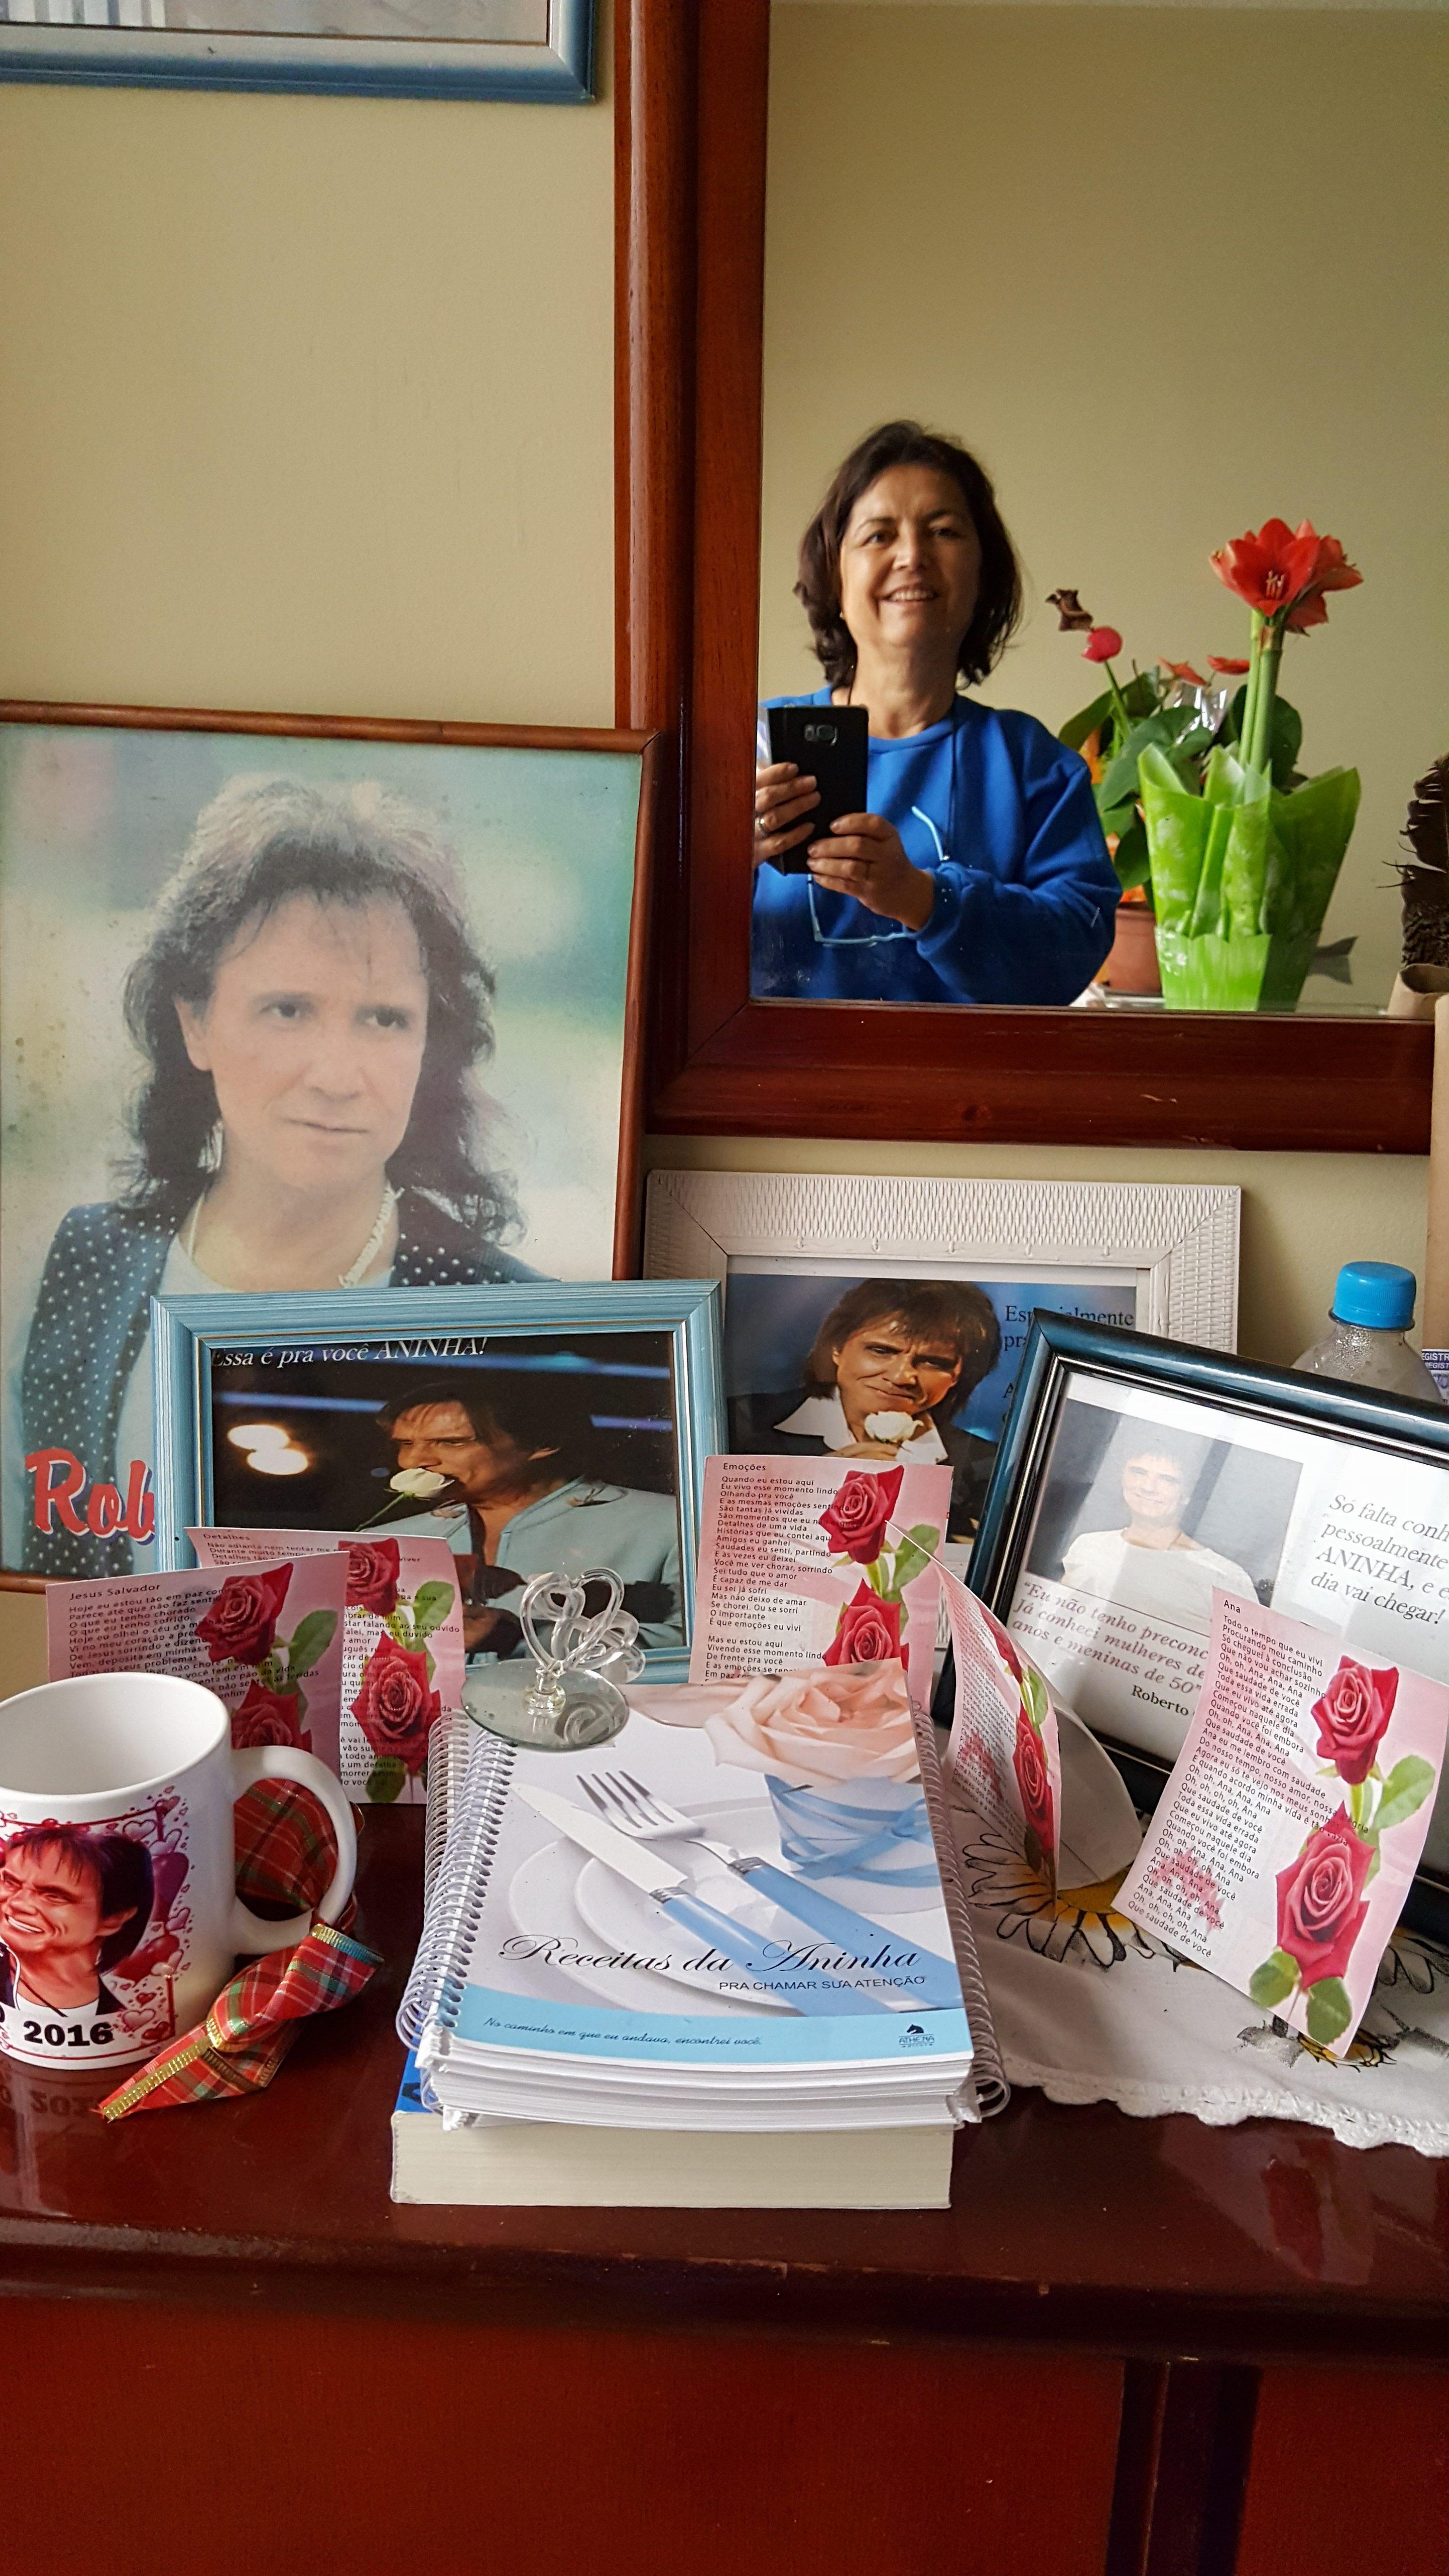 Ana Maria da Silva - Sou Aninha do Roberto Carlos em mogi das cruzes